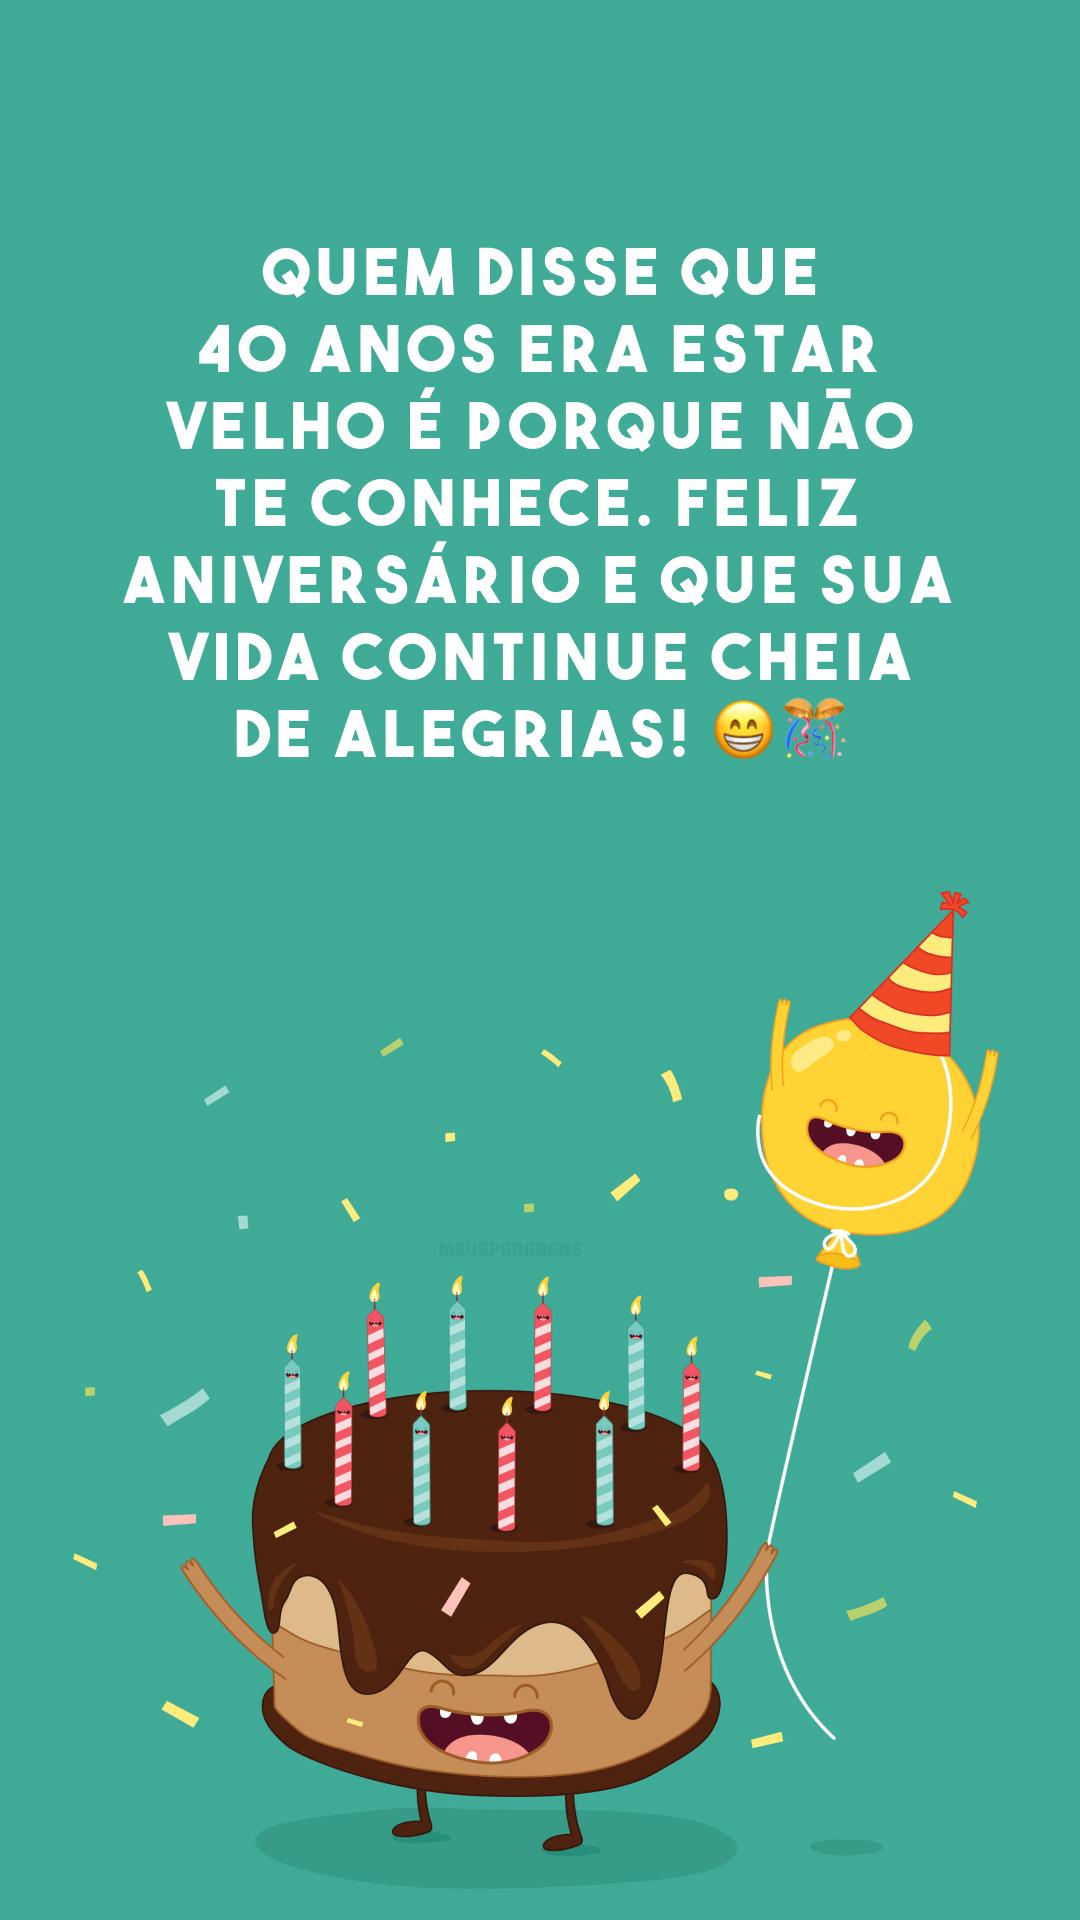 Quem disse que 40 anos era estar velho é porque não te conhece. Feliz aniversário e que sua vida continue cheia de alegrias! 😁🎊